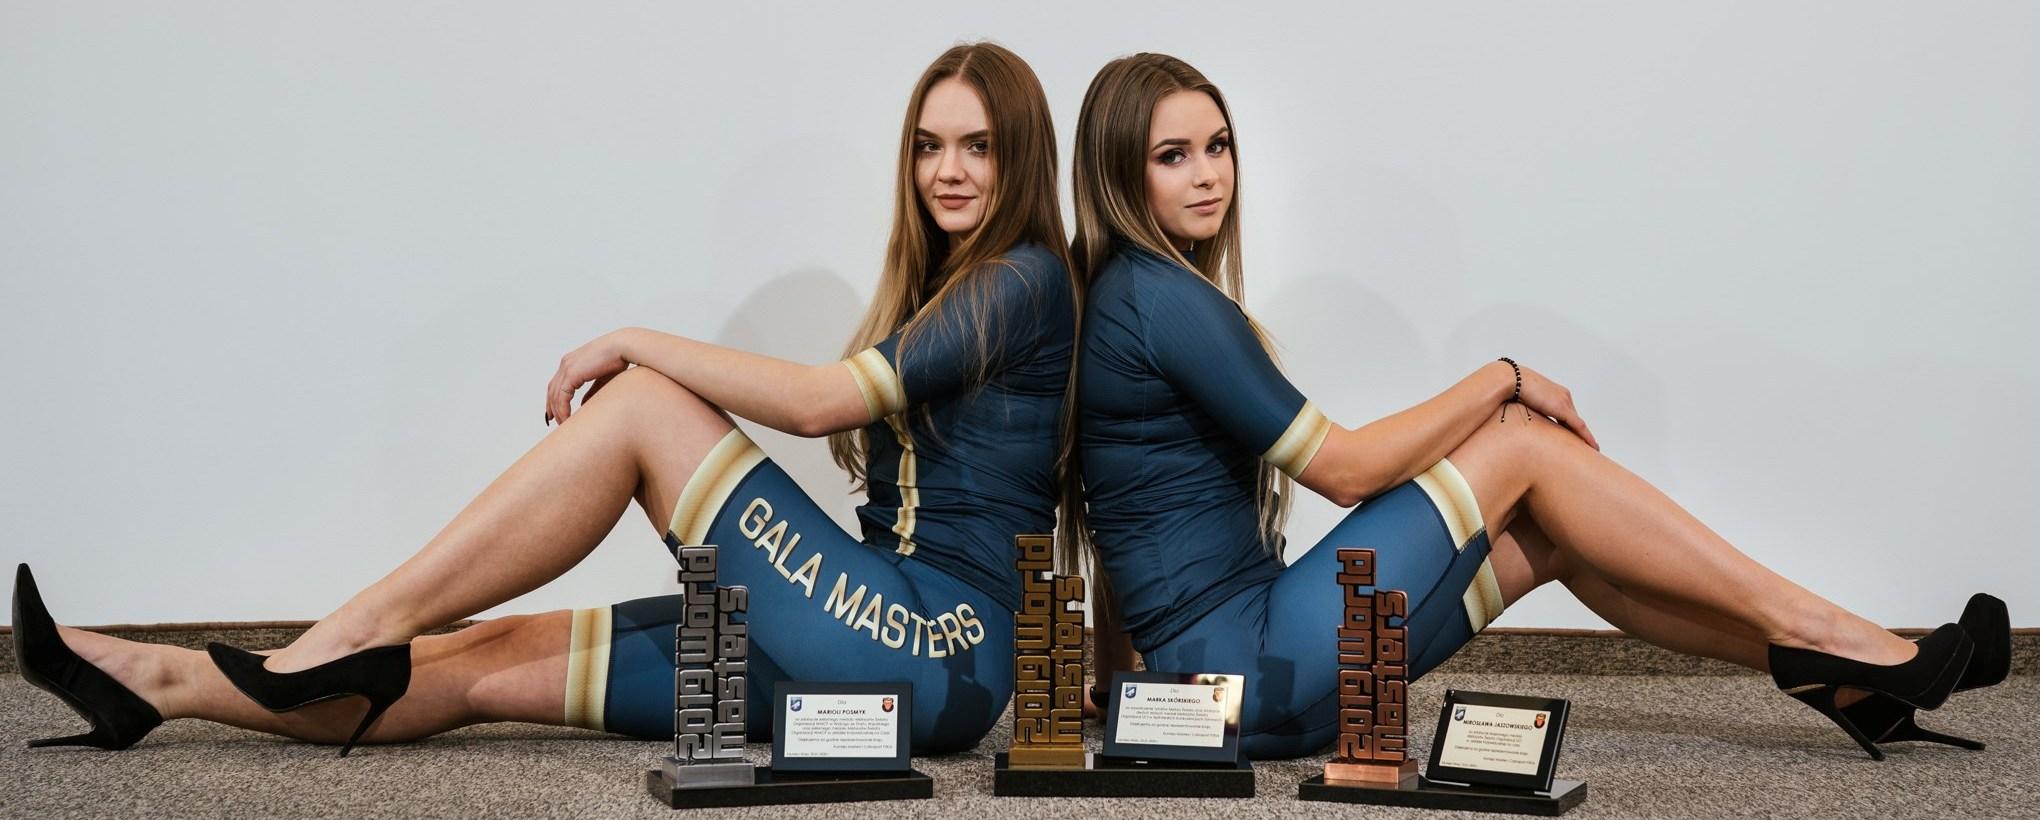 Gala Masters 2020 - Zduńska Wola